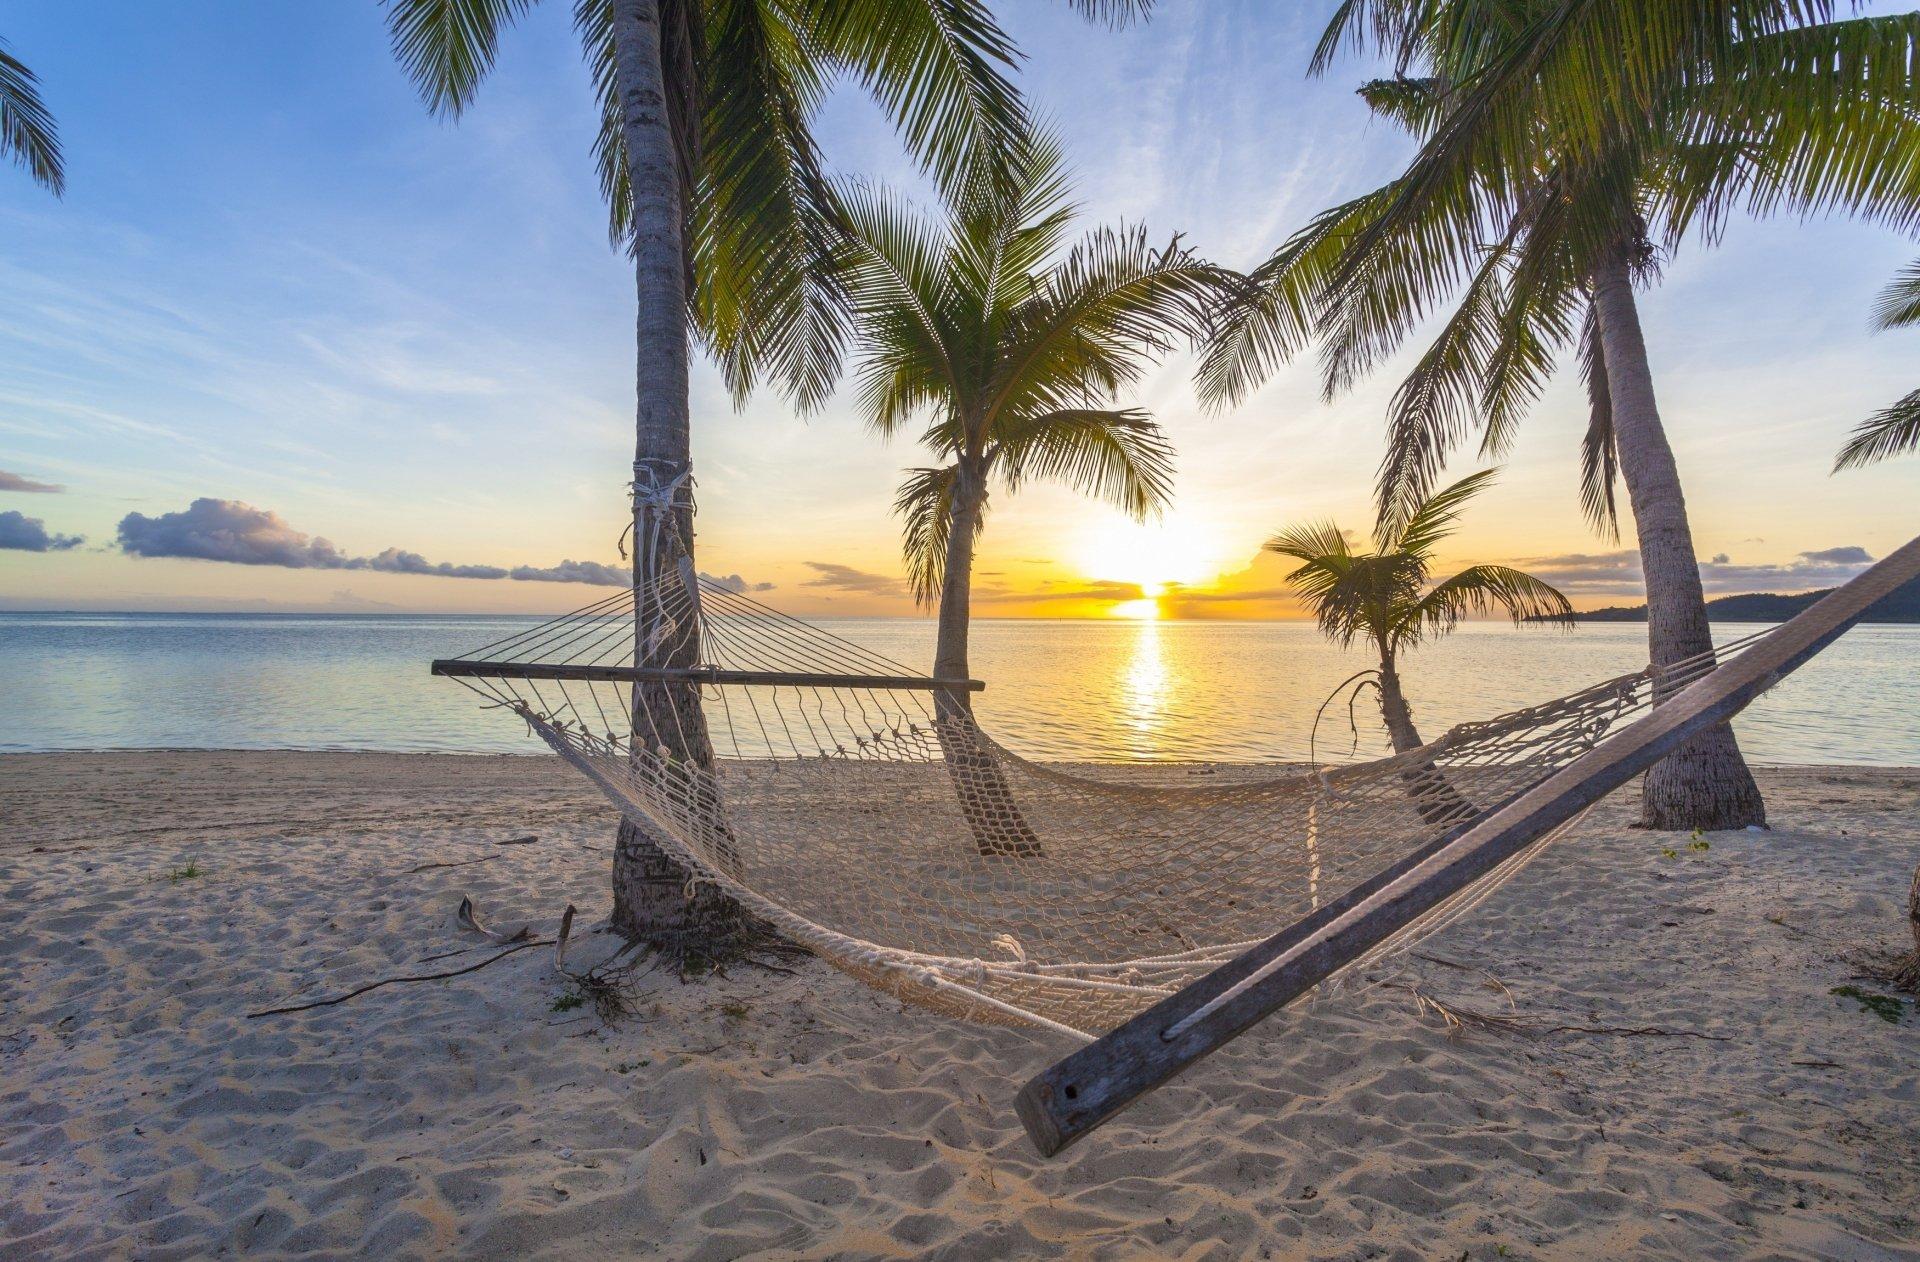 Construction Humaine - Hammock Tropics Palmier Coucher De Soleil Plage ...